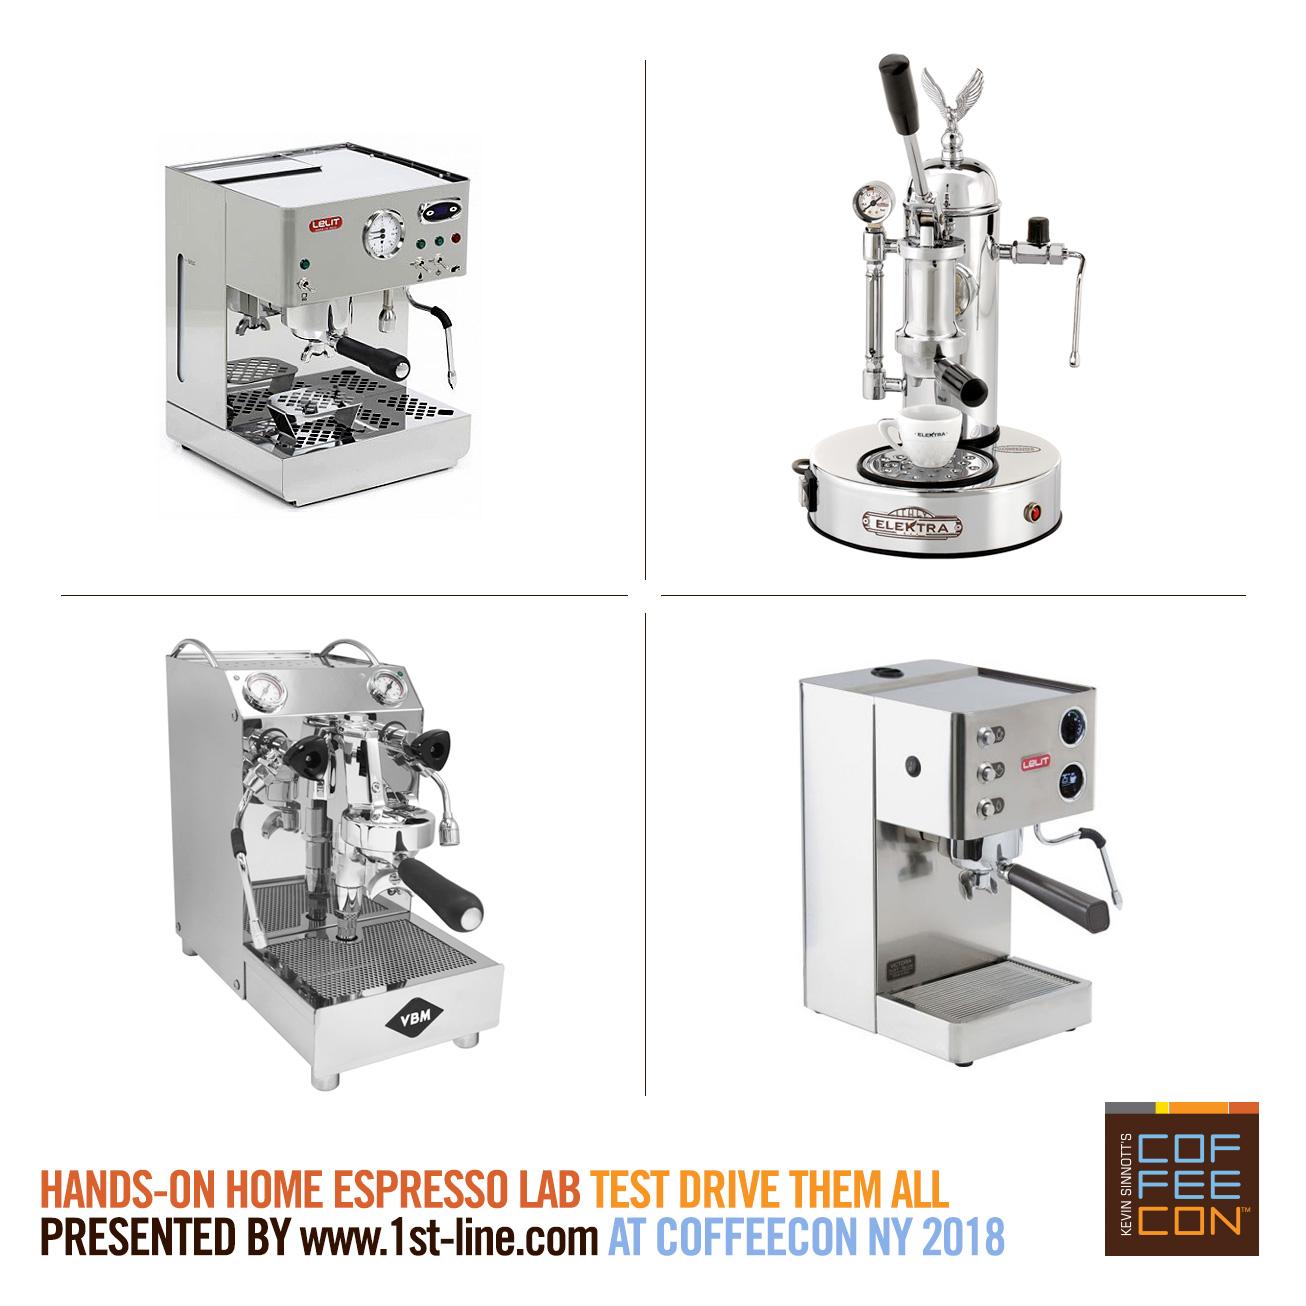 Hands-On Home Espresso Machine Lab